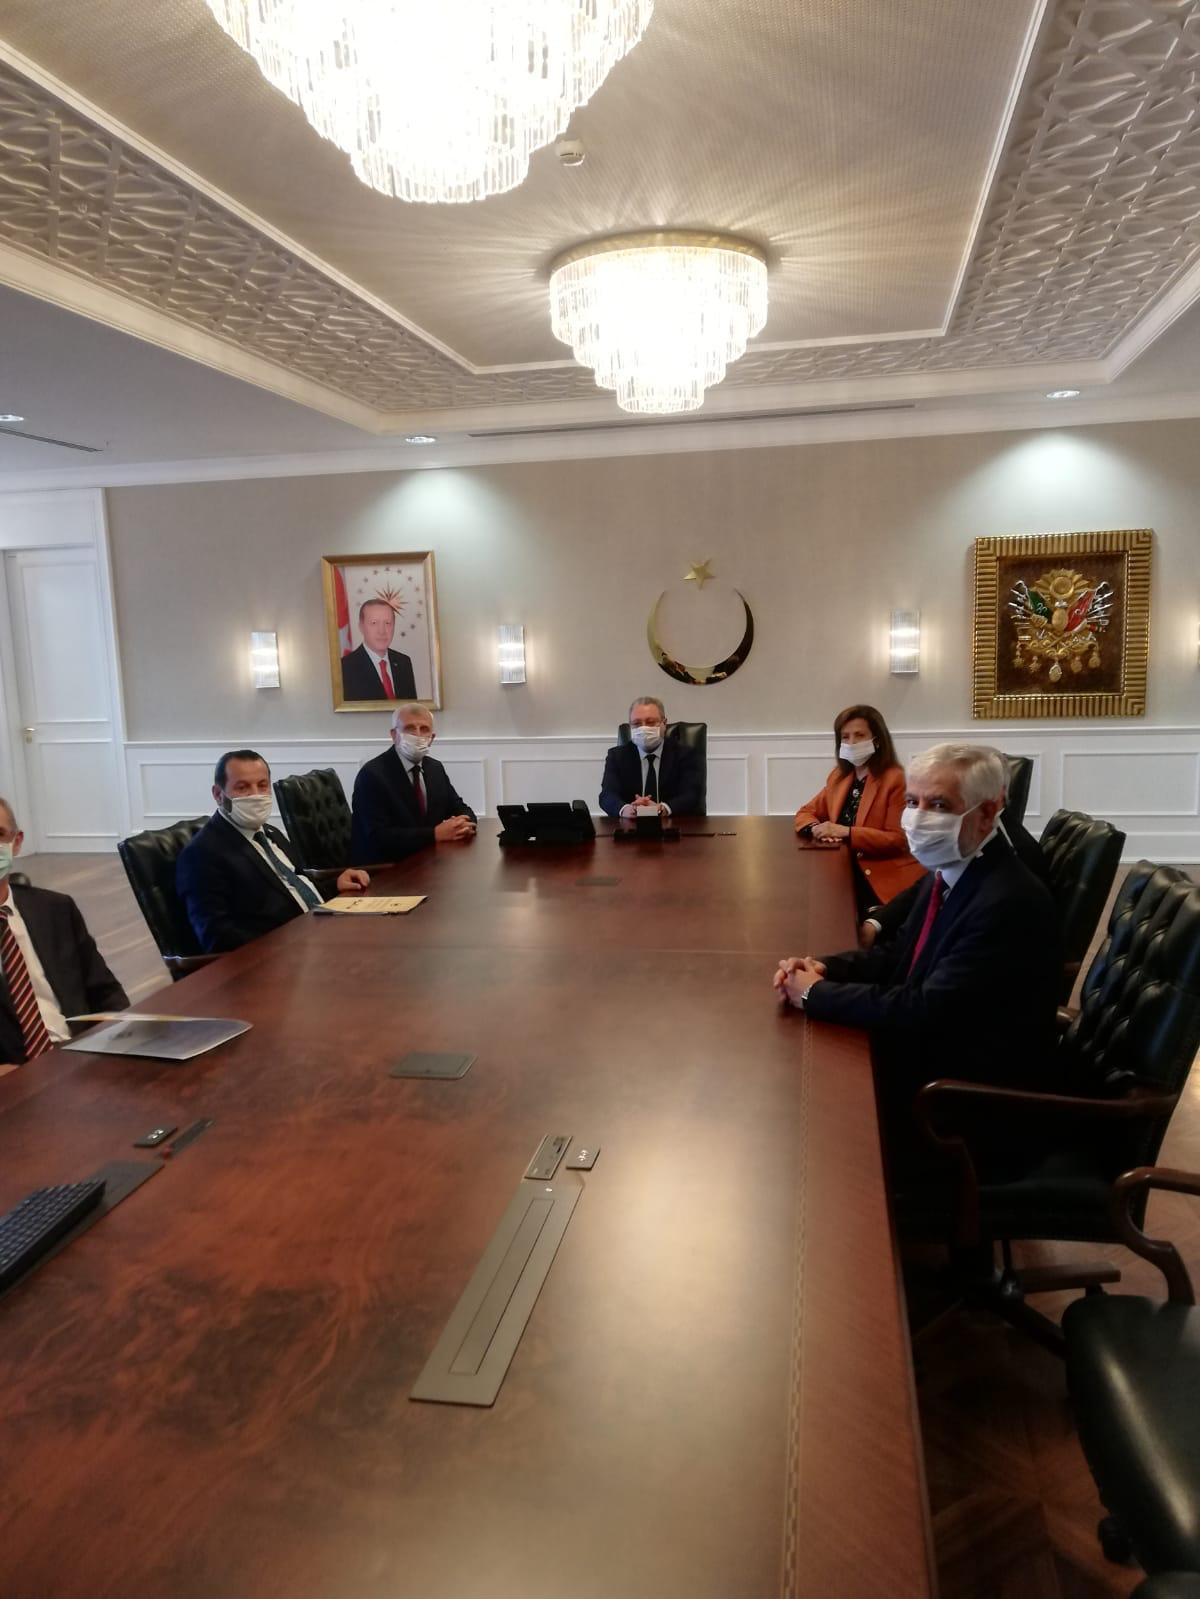 İzmir Demokrasi Üniversitesi ile Buca Seyfi Seyfi Demirsoy Devlet Hastanesi güç birliği için protokol imzaladı